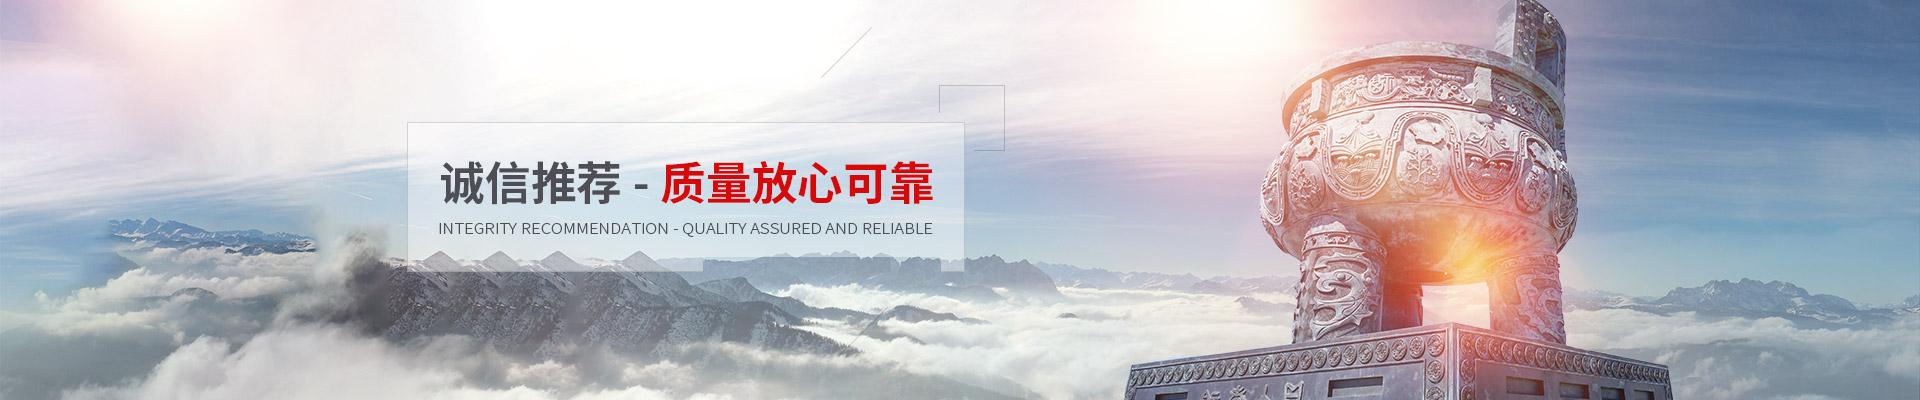 虎丘区建设智能电网项目开发标志